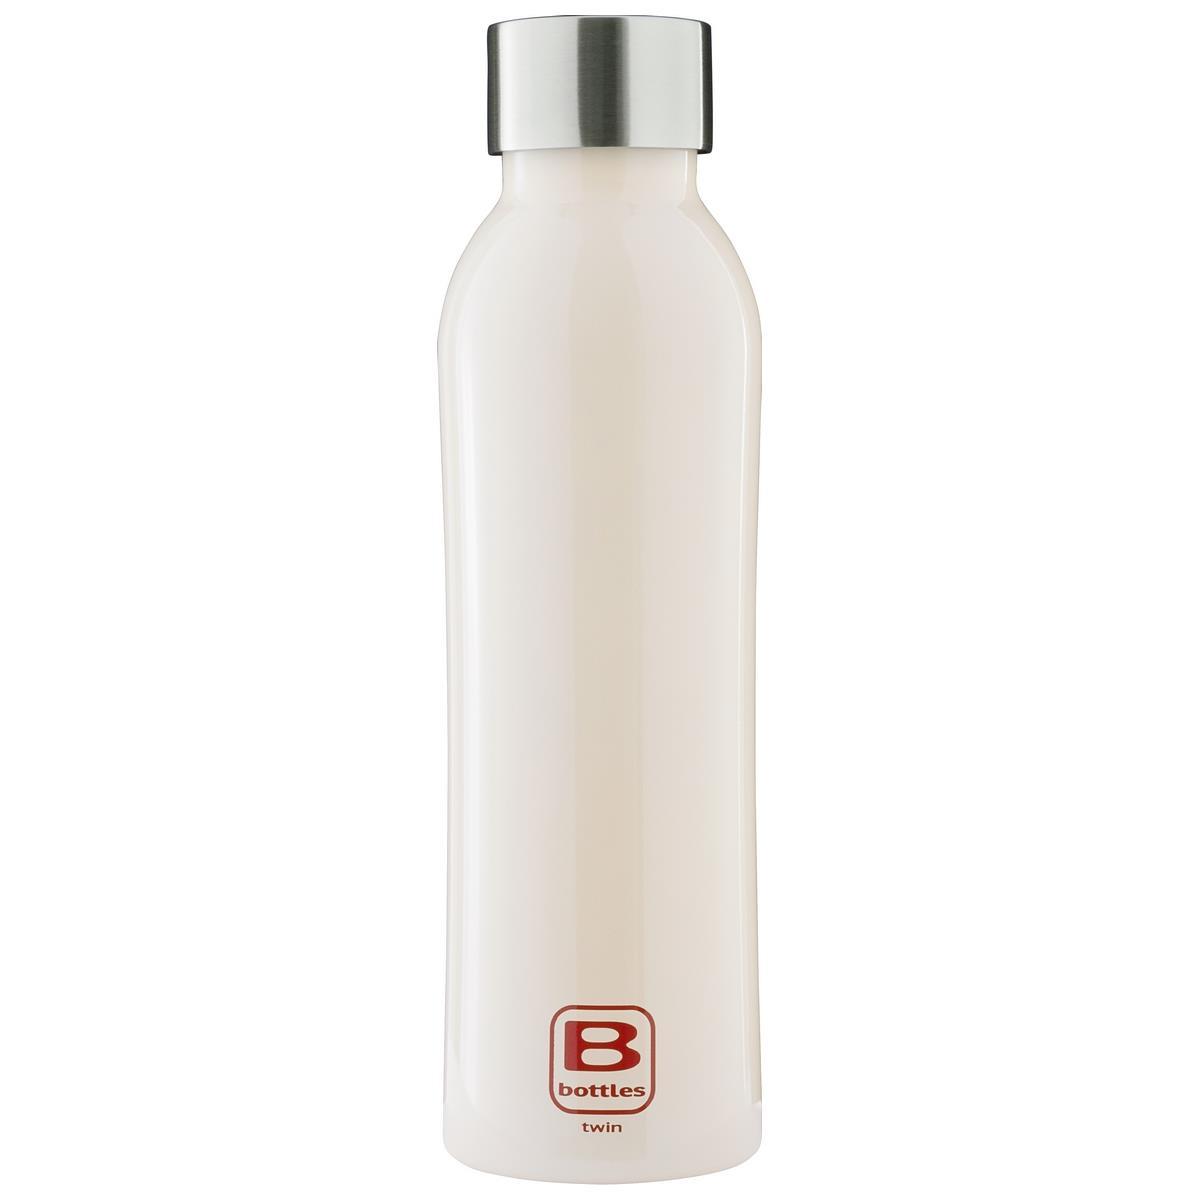 B Bottles Twin - Cream - 500 ml - Bottiglia Termica a doppia parete in acciaio inox 18/10